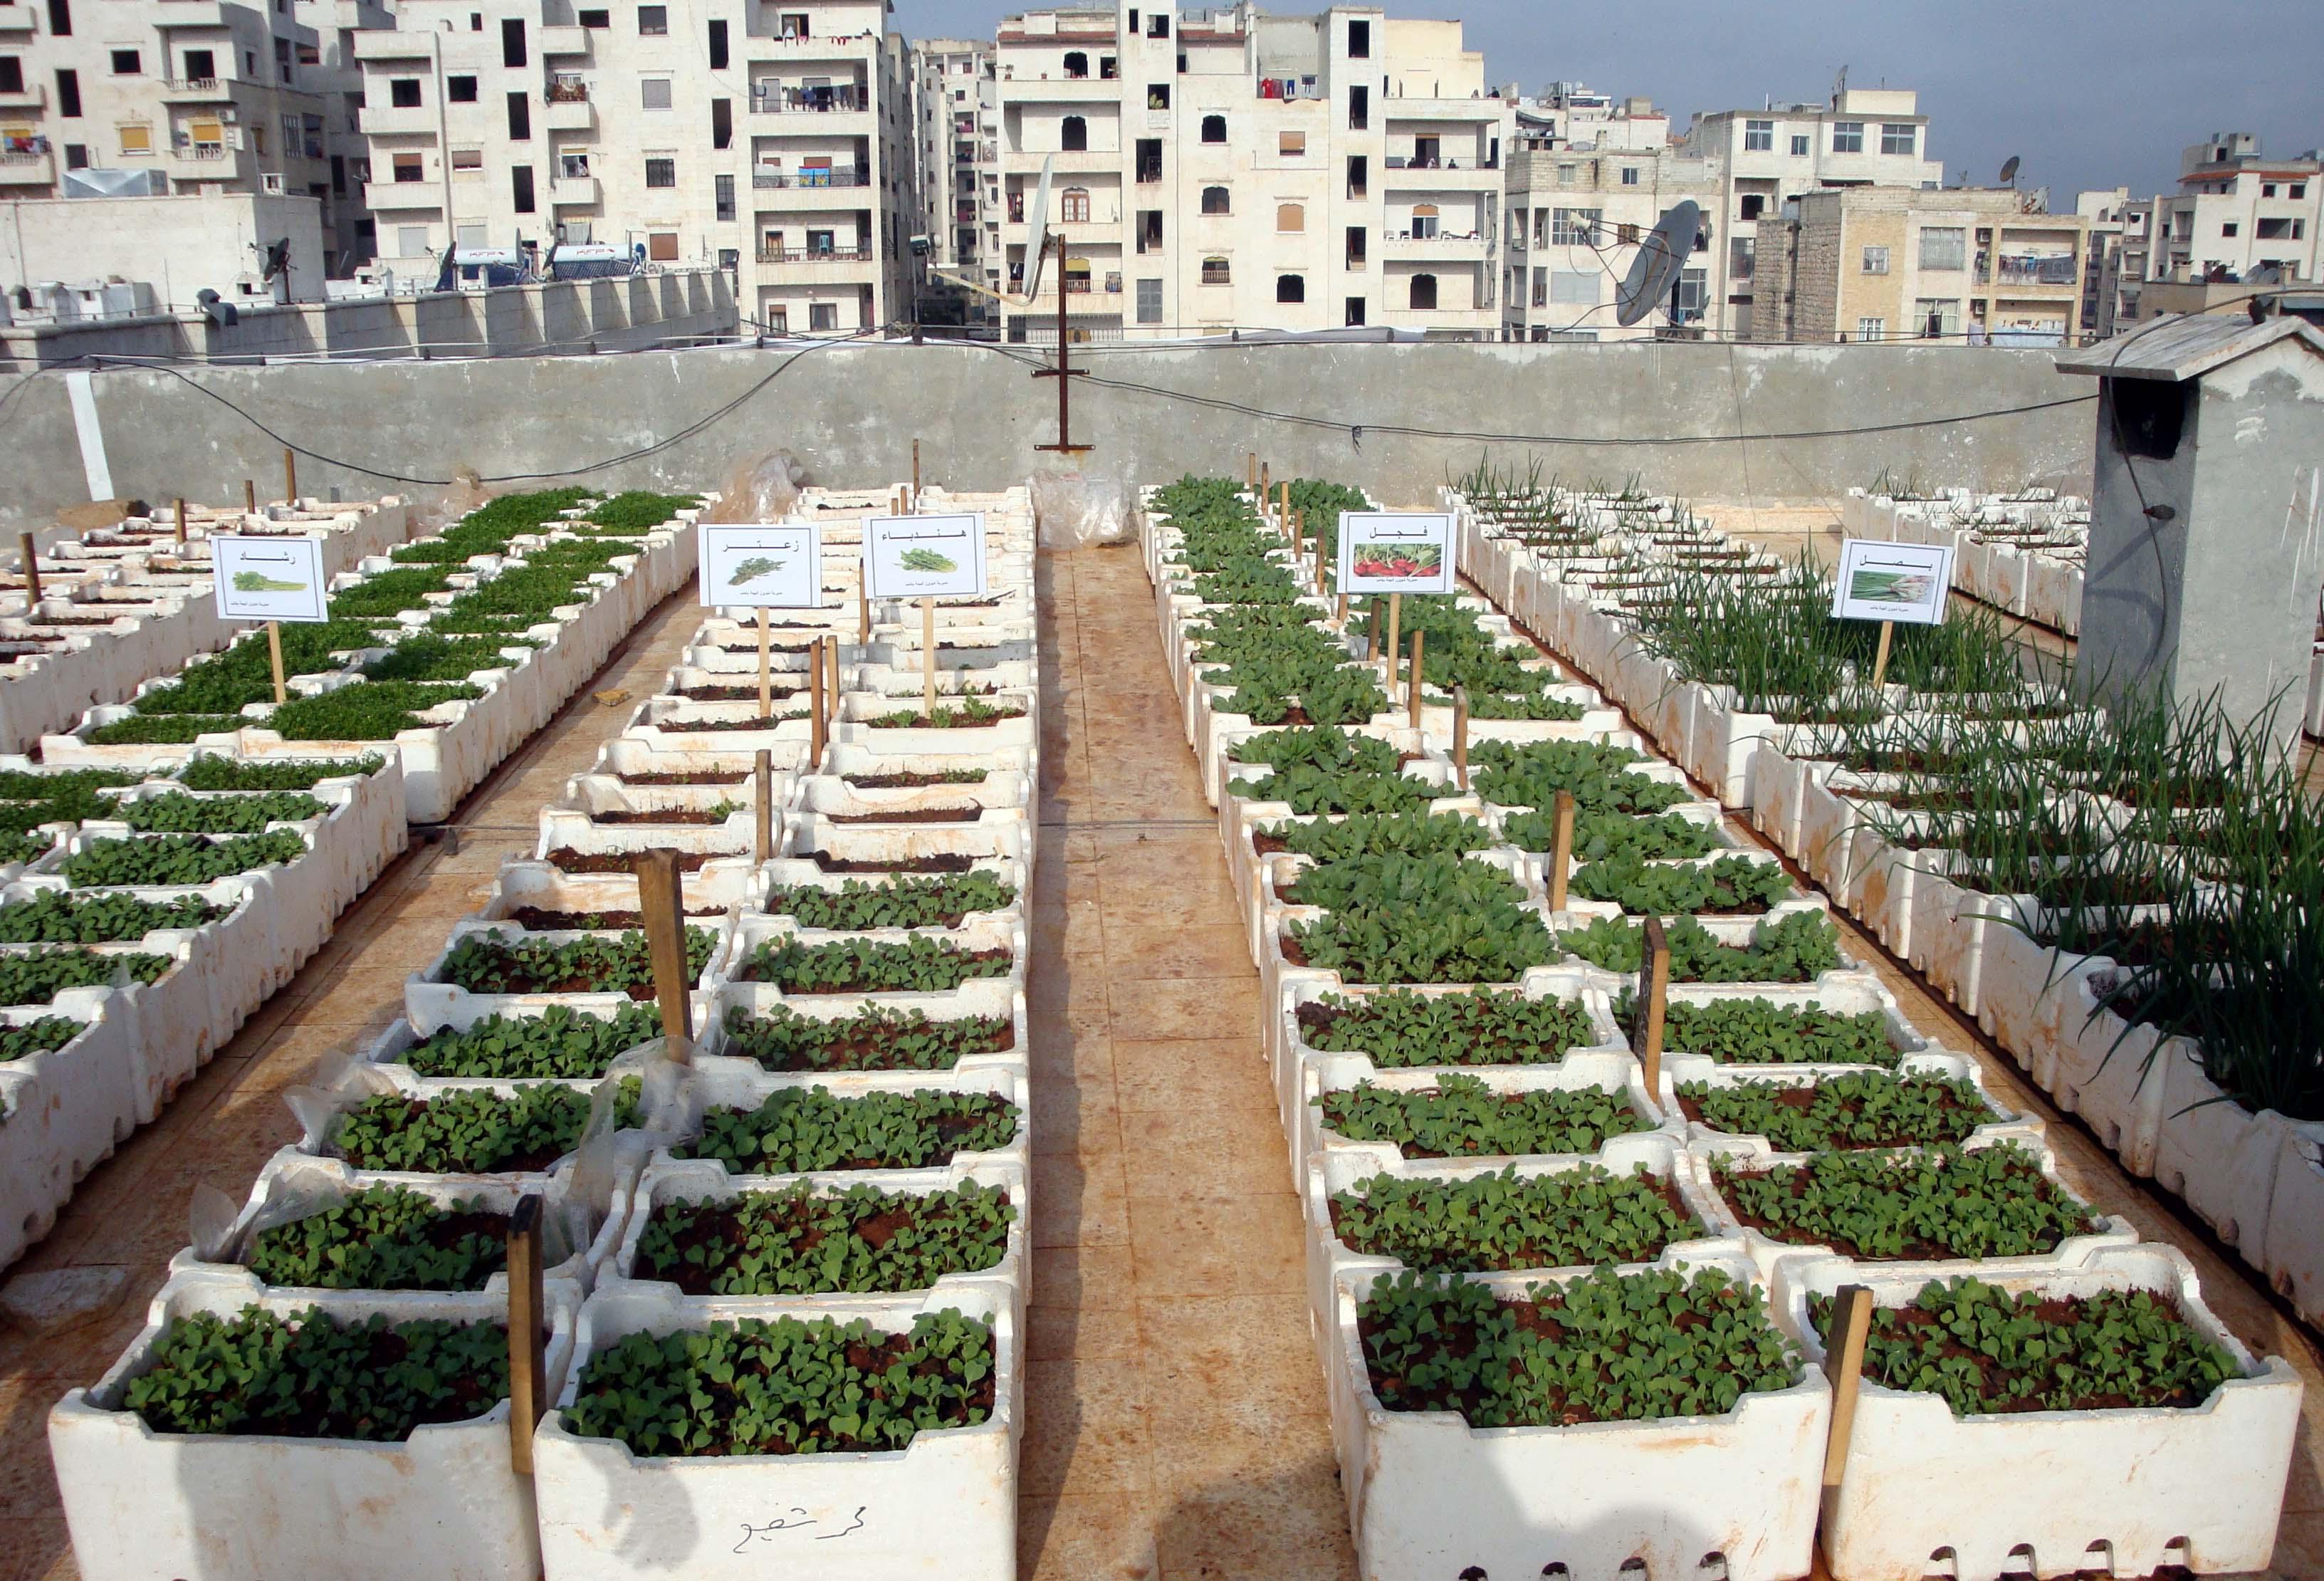 صورة مشروع قومي لإنشاء مزارع مائية فوق أسطح المنازل لتحسين البيئة وسد الفجوة الغذائية